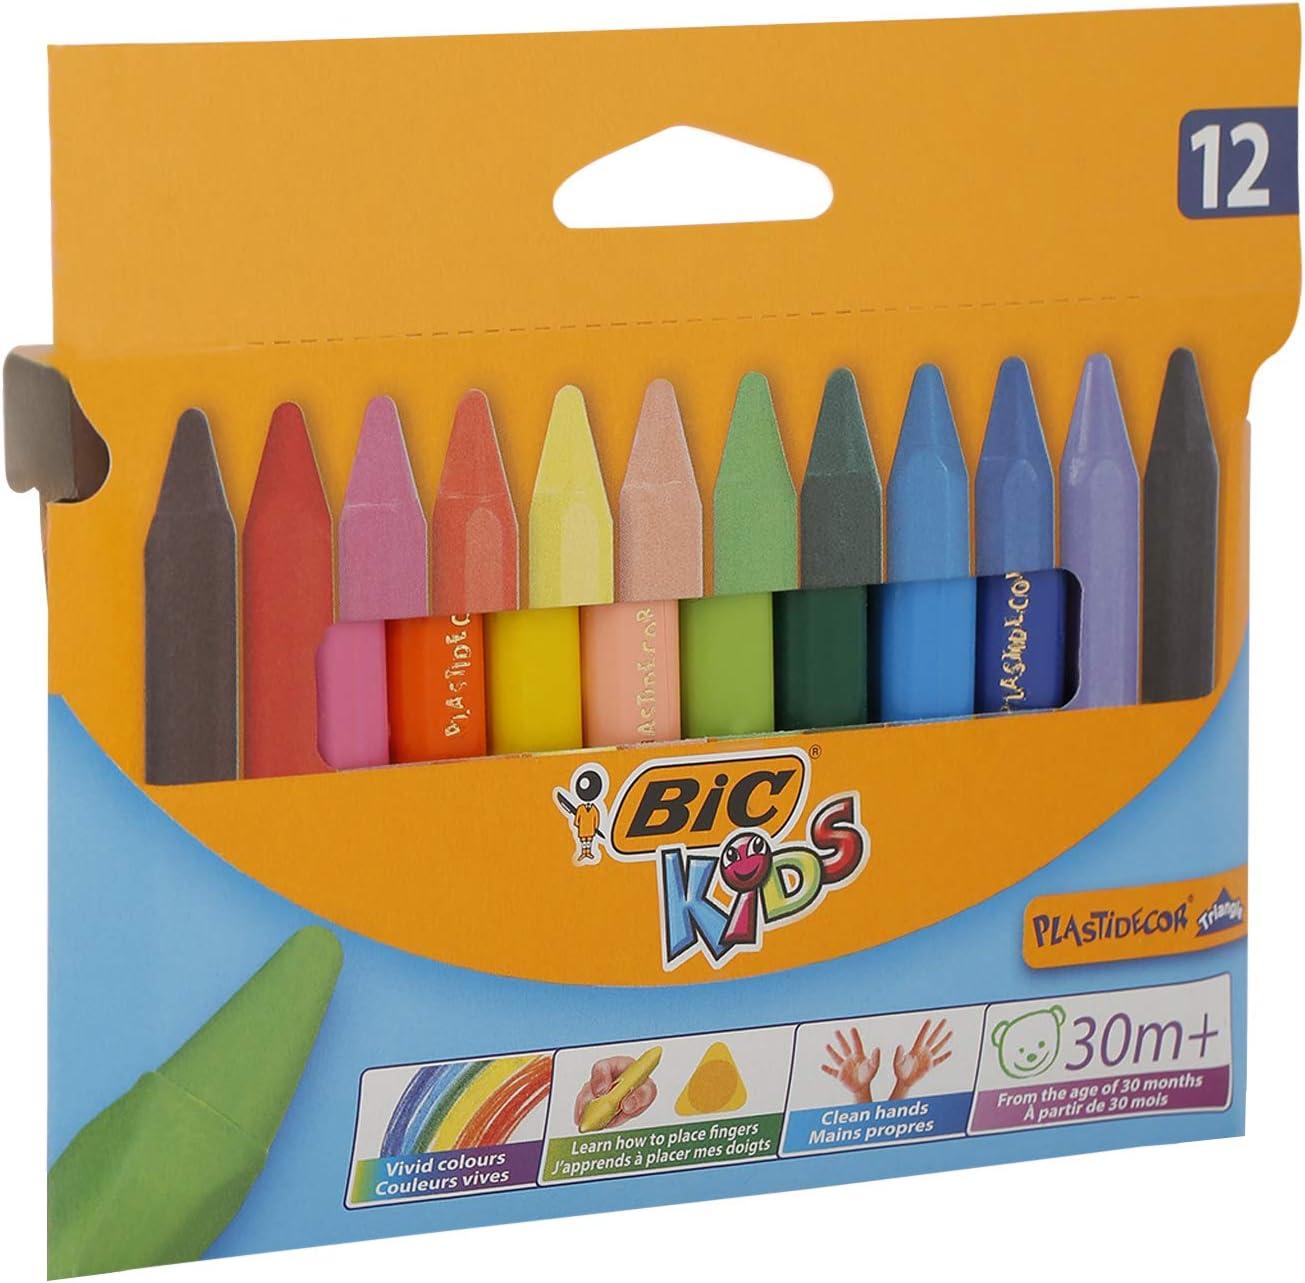 Craies de coloriage Plastidecor Triangle Bic Kids